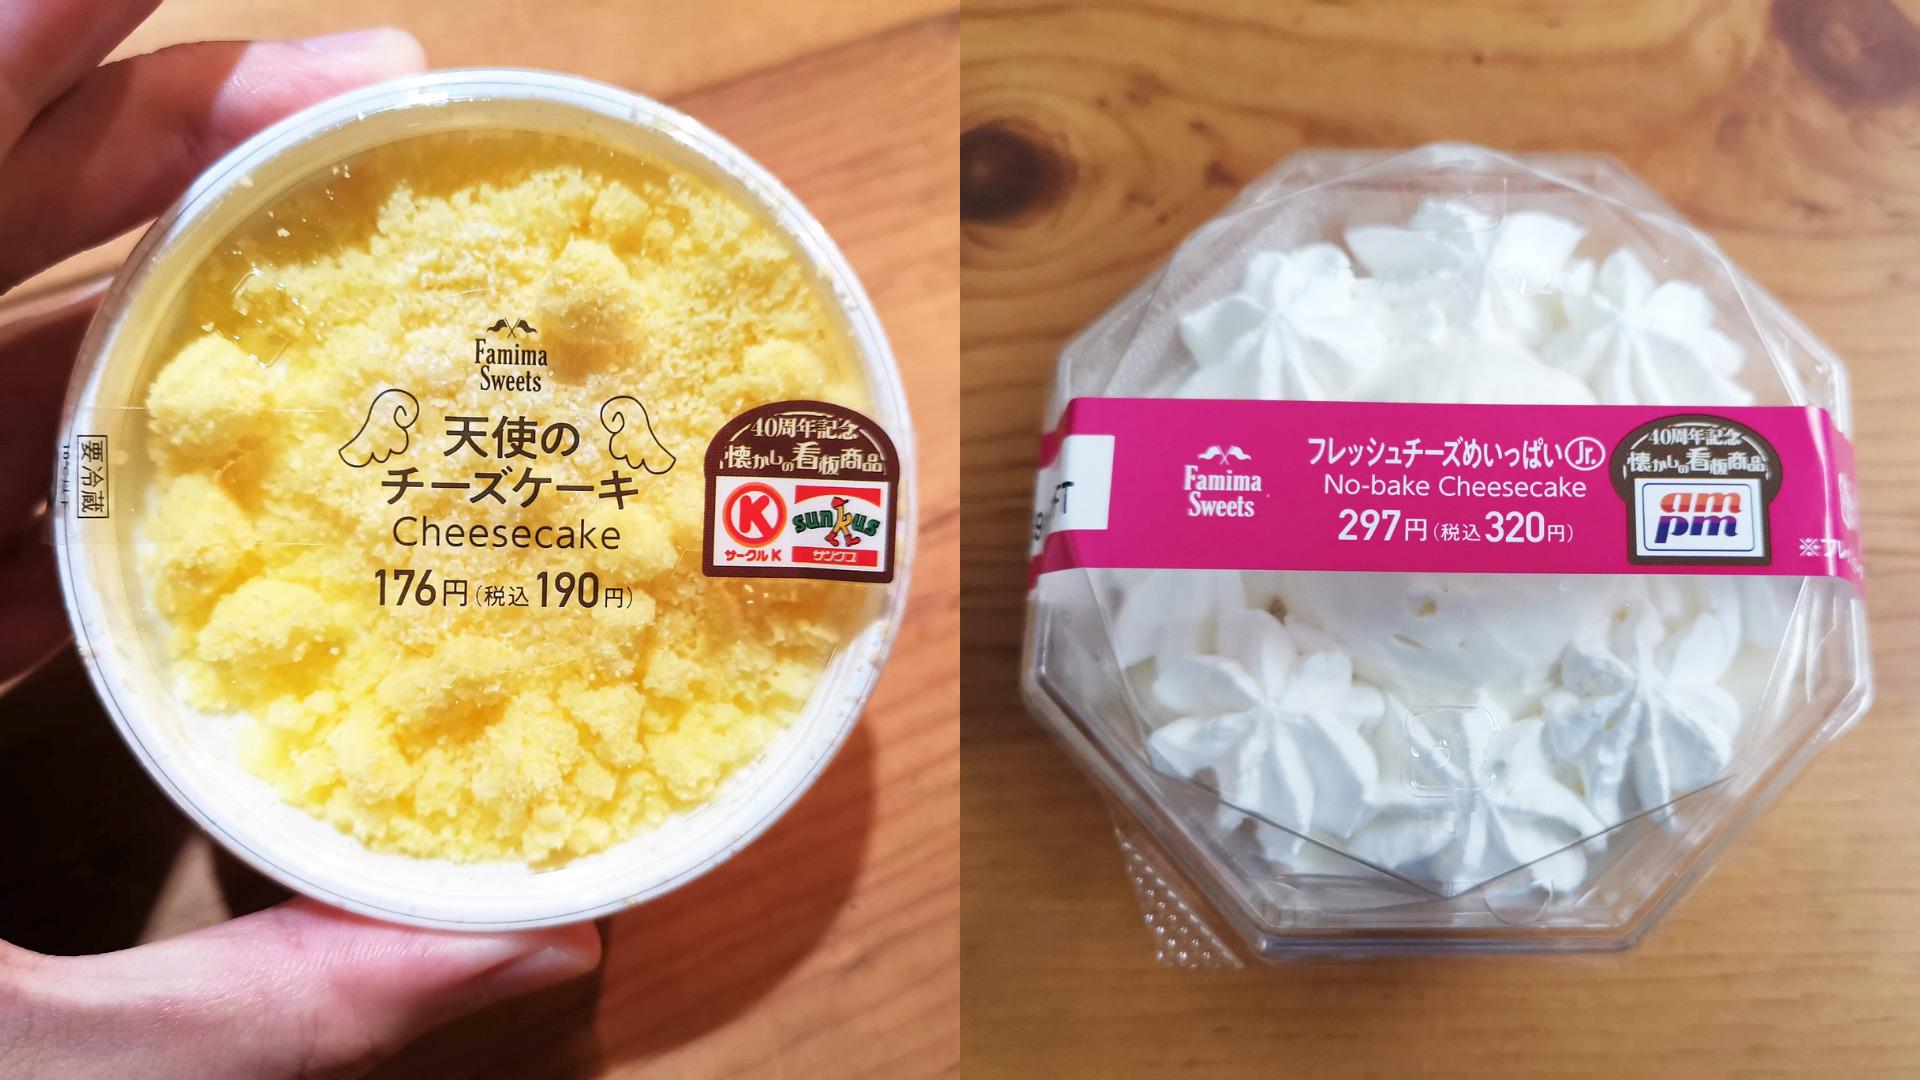 ファミリマートの天使のチーズケーキとフレッシュチーズめいっぱいJrの写真